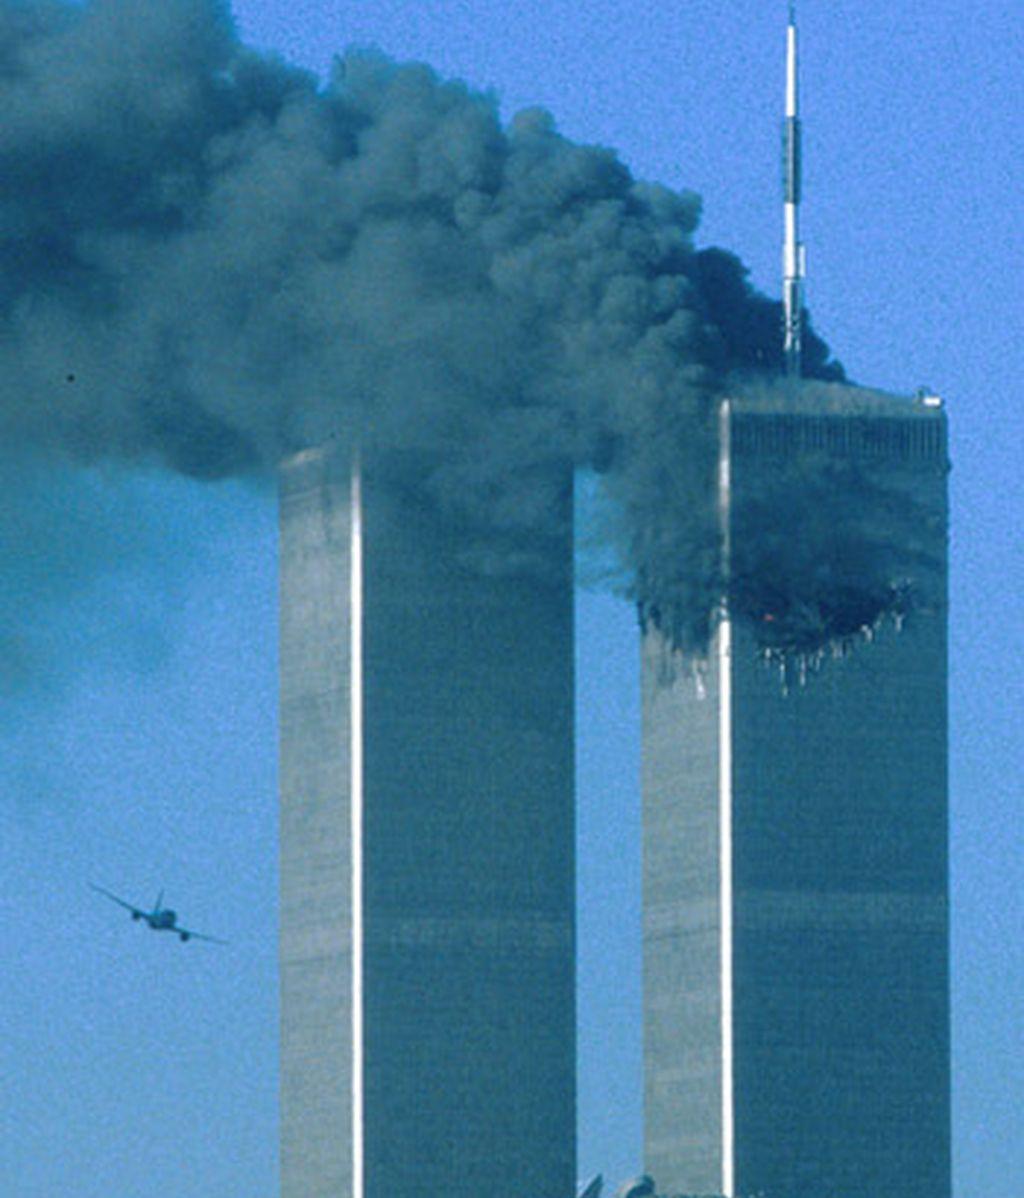 Aniversario del 11-S